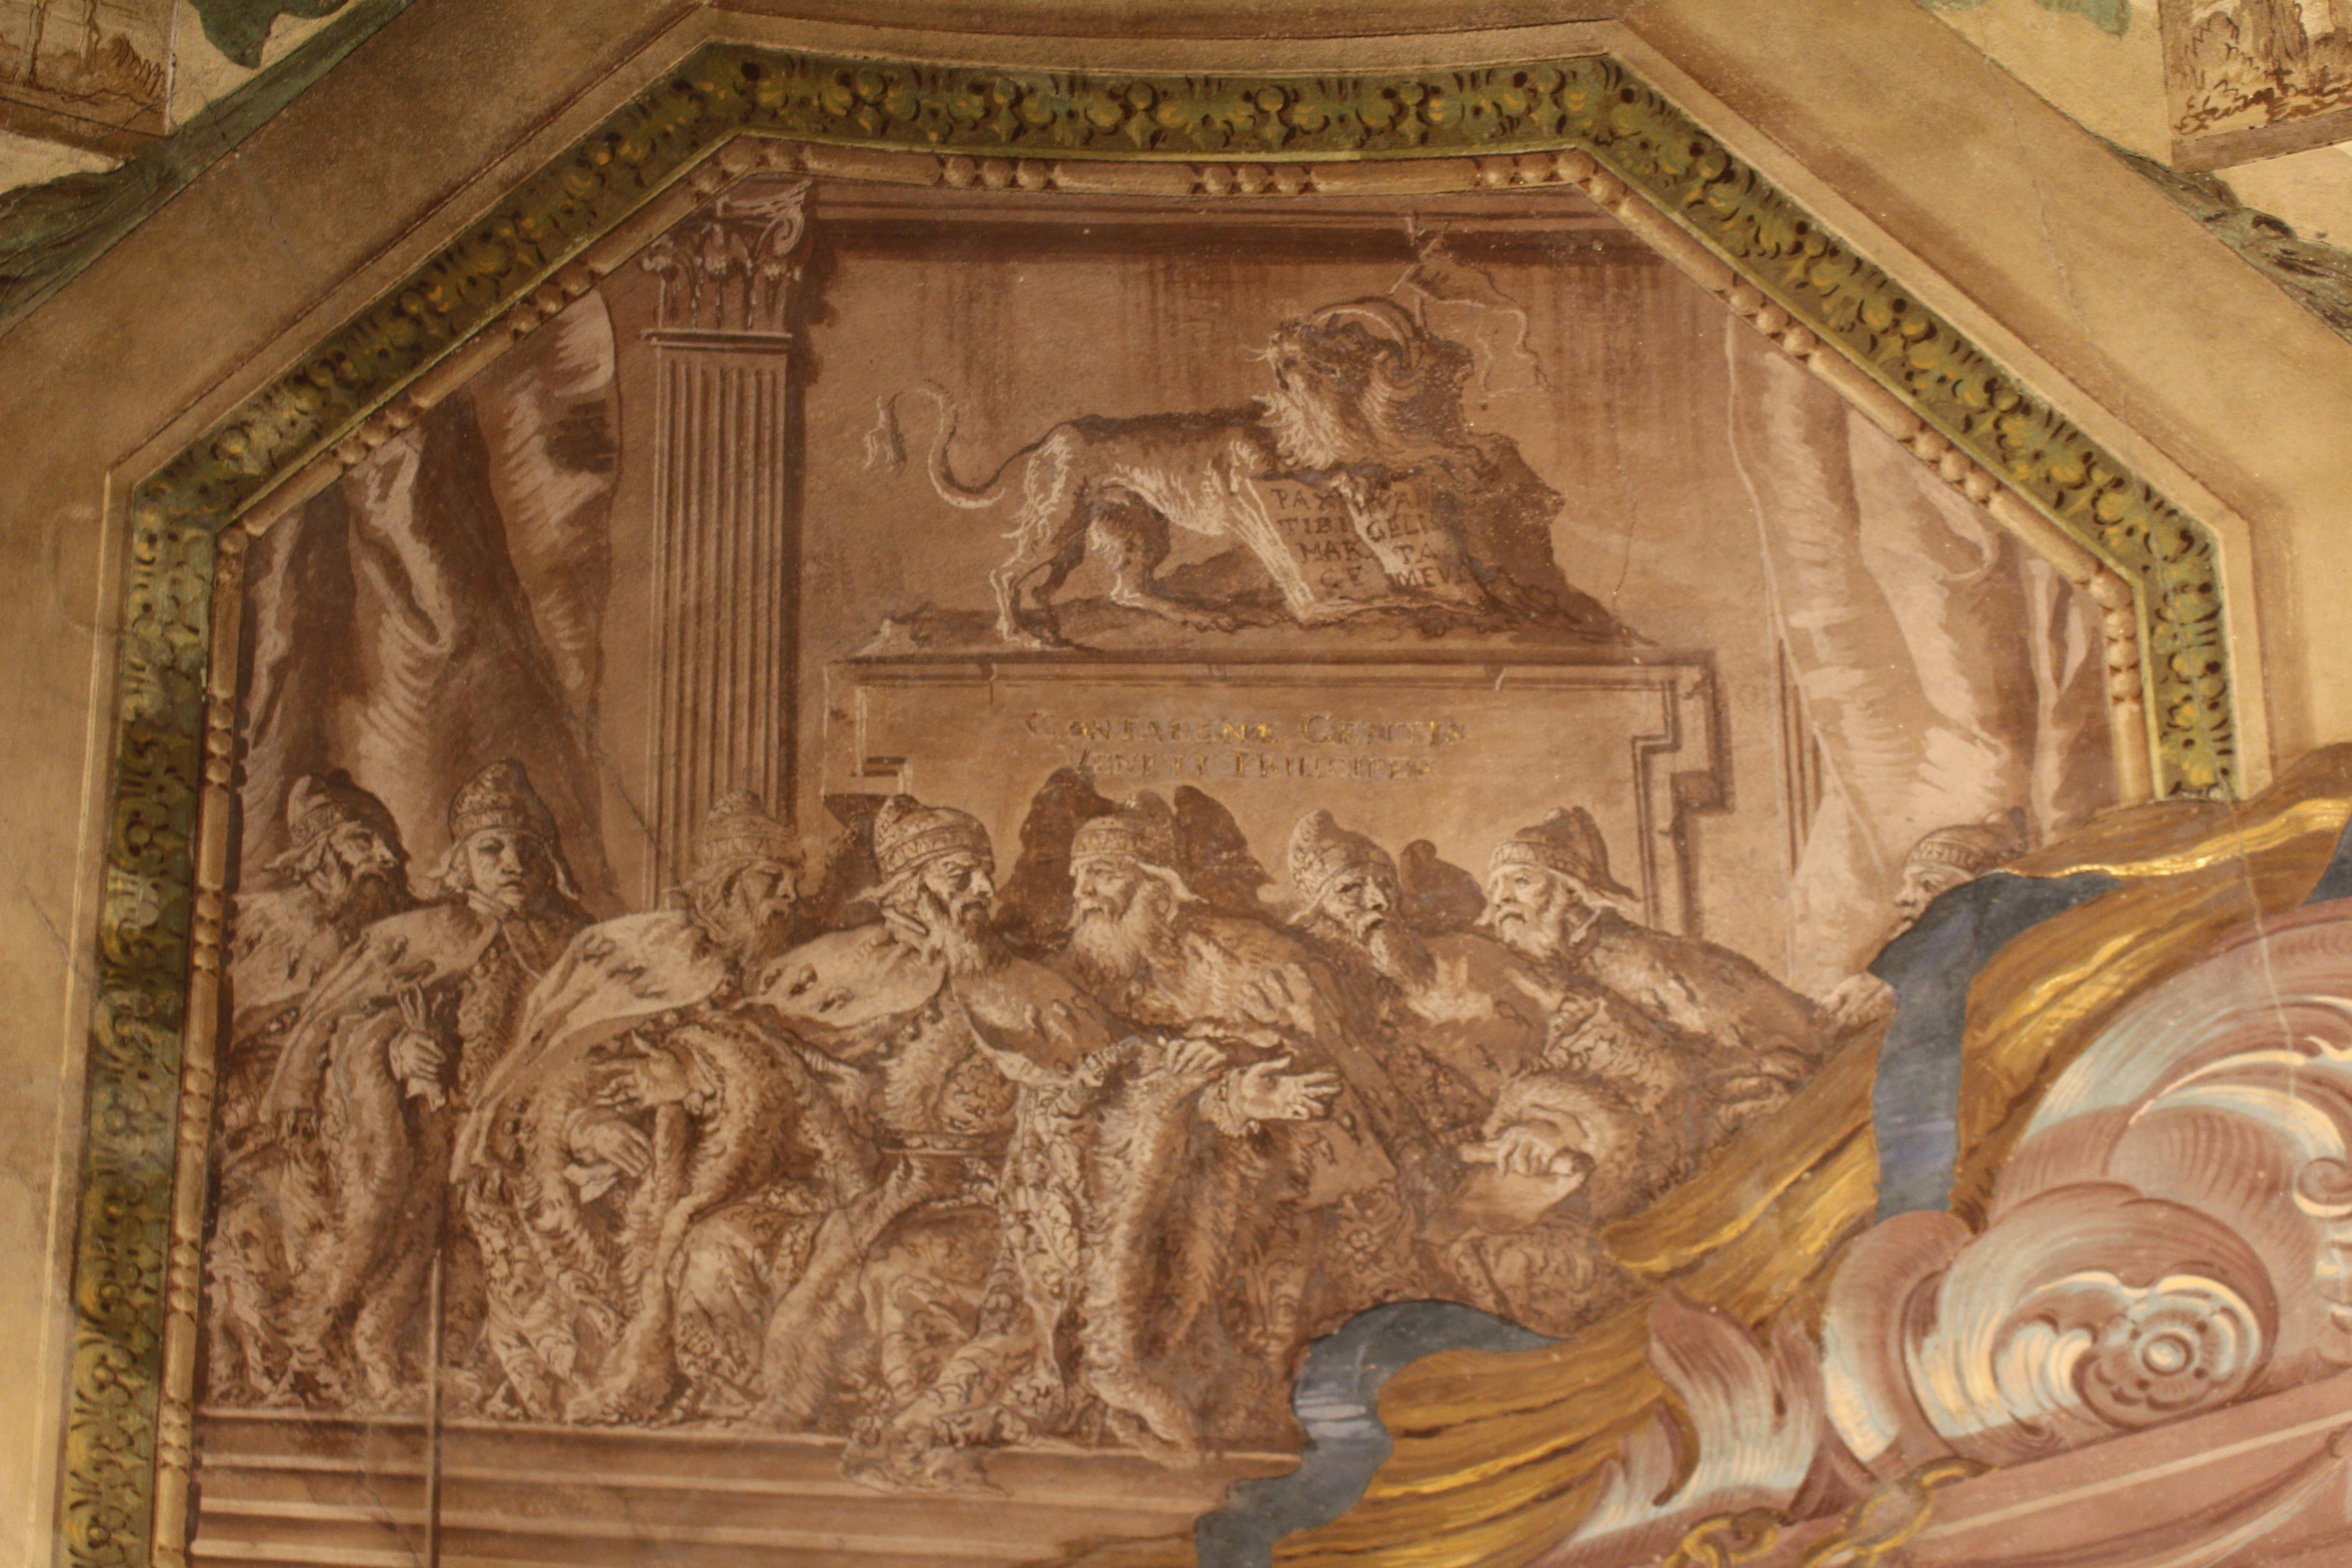 les huit Doges de la famille Contarini, la seule à Venise à avoir été représentée huit fois au plus haut poste de l'État ; monochrome du plafond